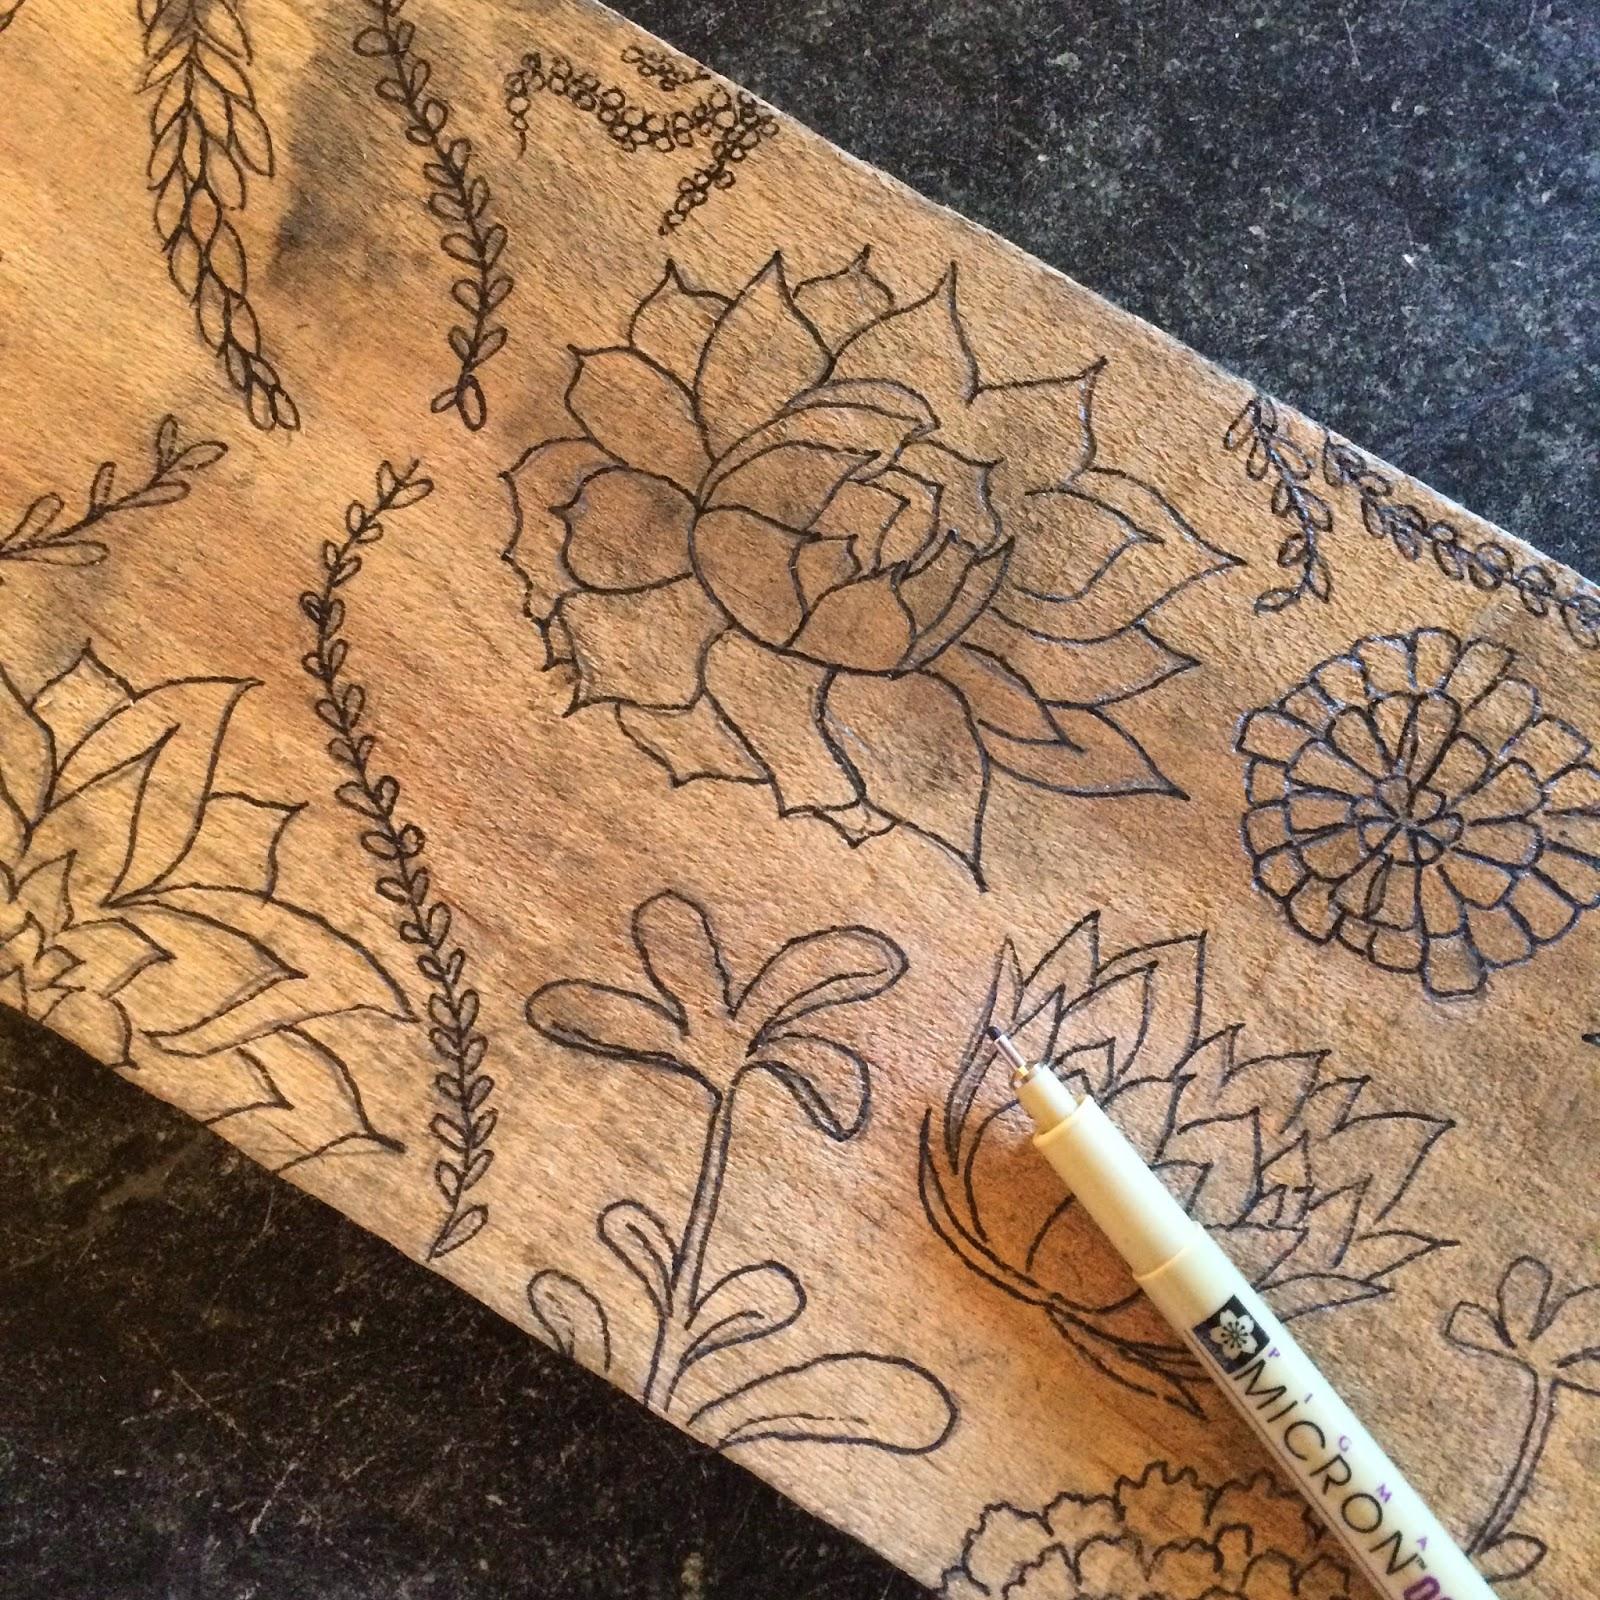 succulent sketch | www.brooklynlimestone.com